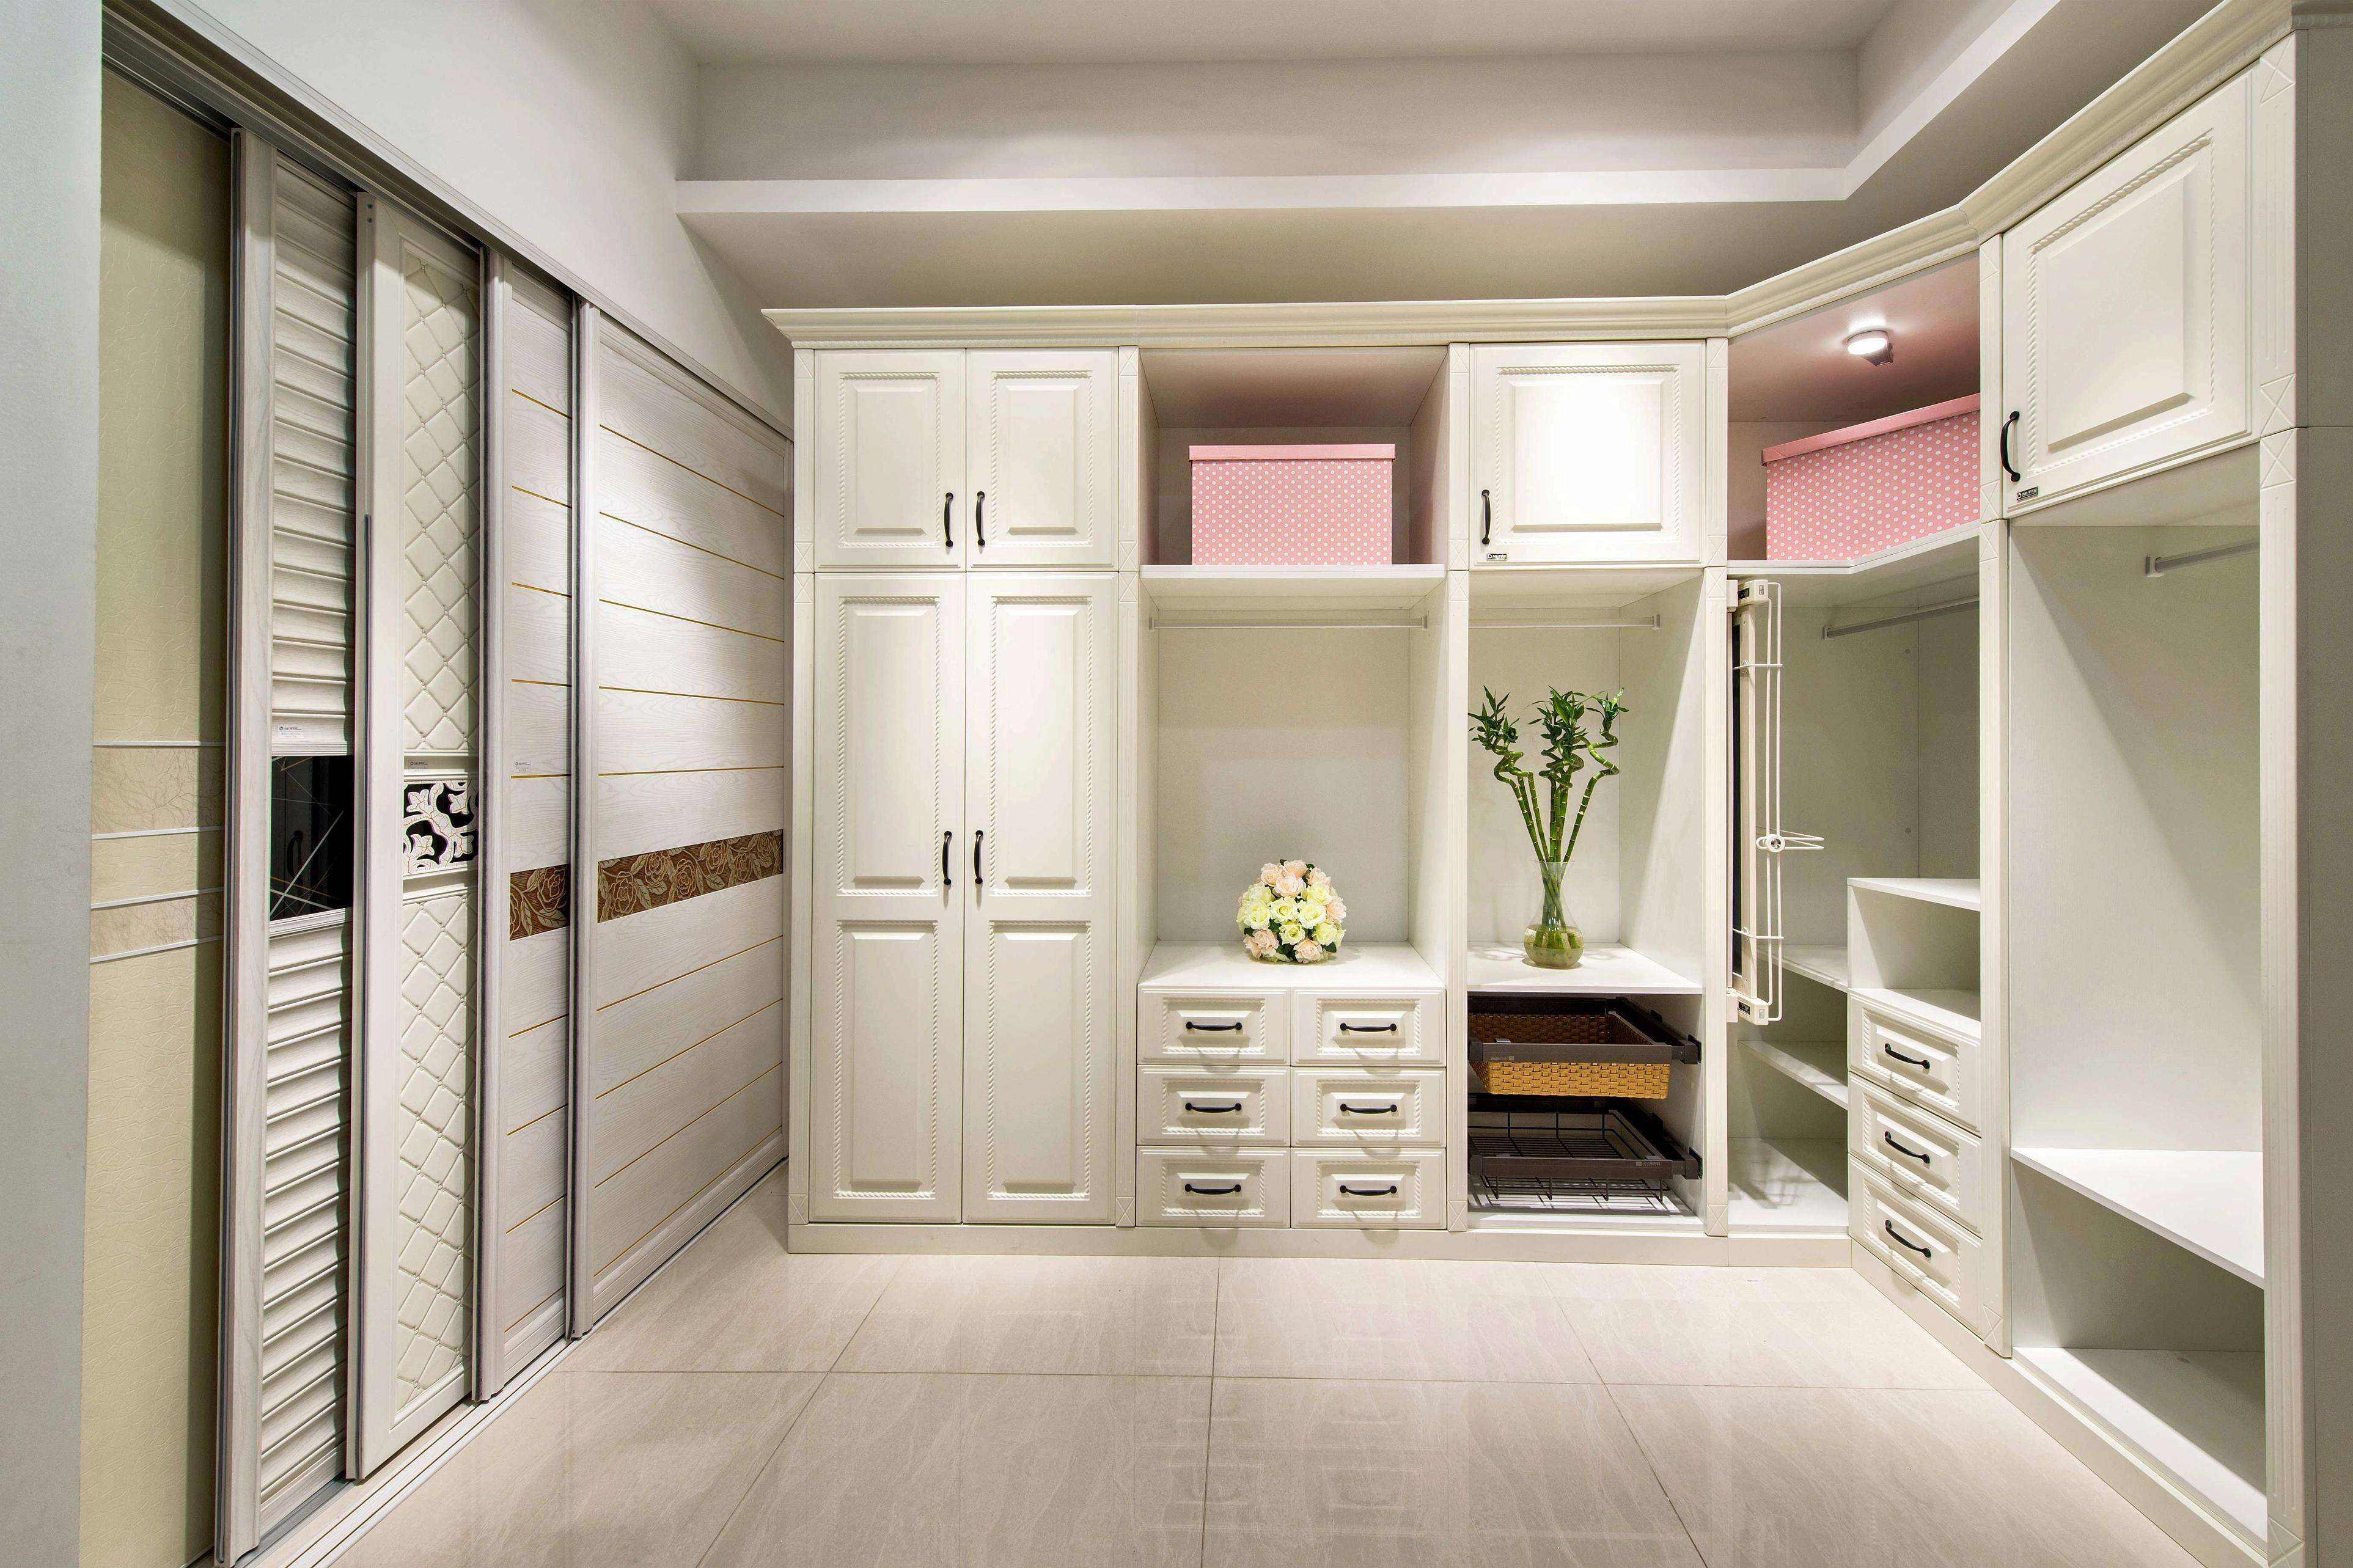 衣柜的样式如何选择?哪种最好看?